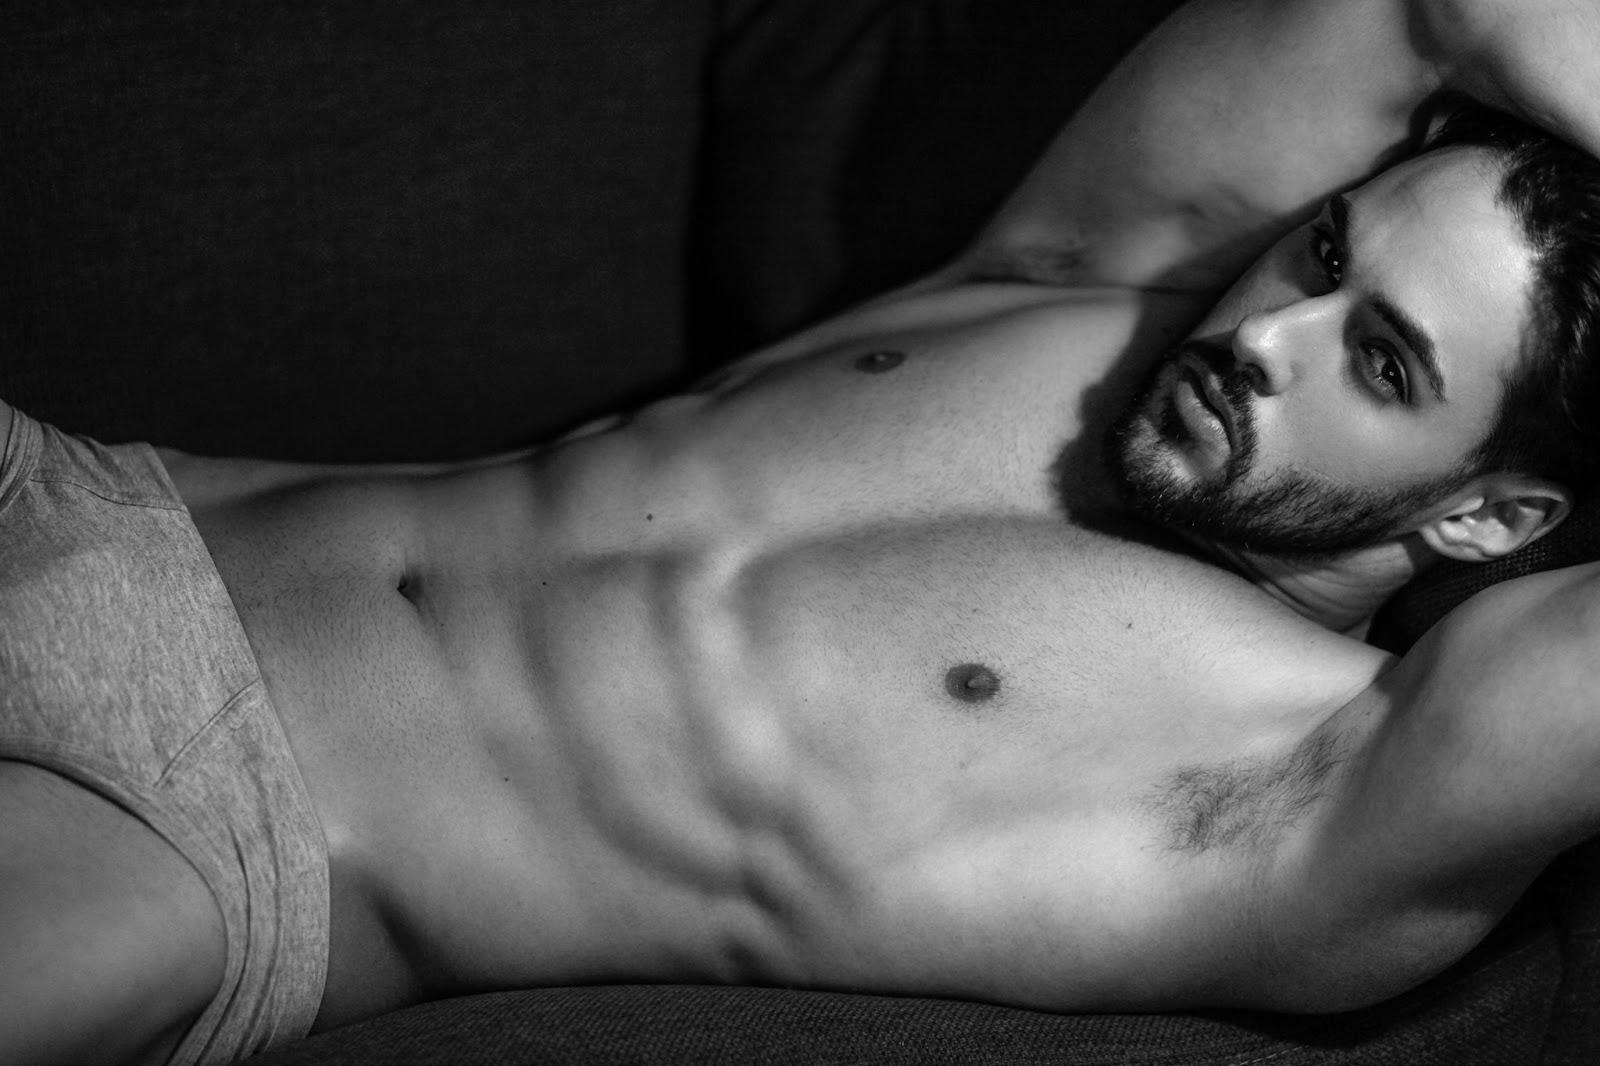 Les scnes les plus sexy du cinma gay ! - Nouvelles gays